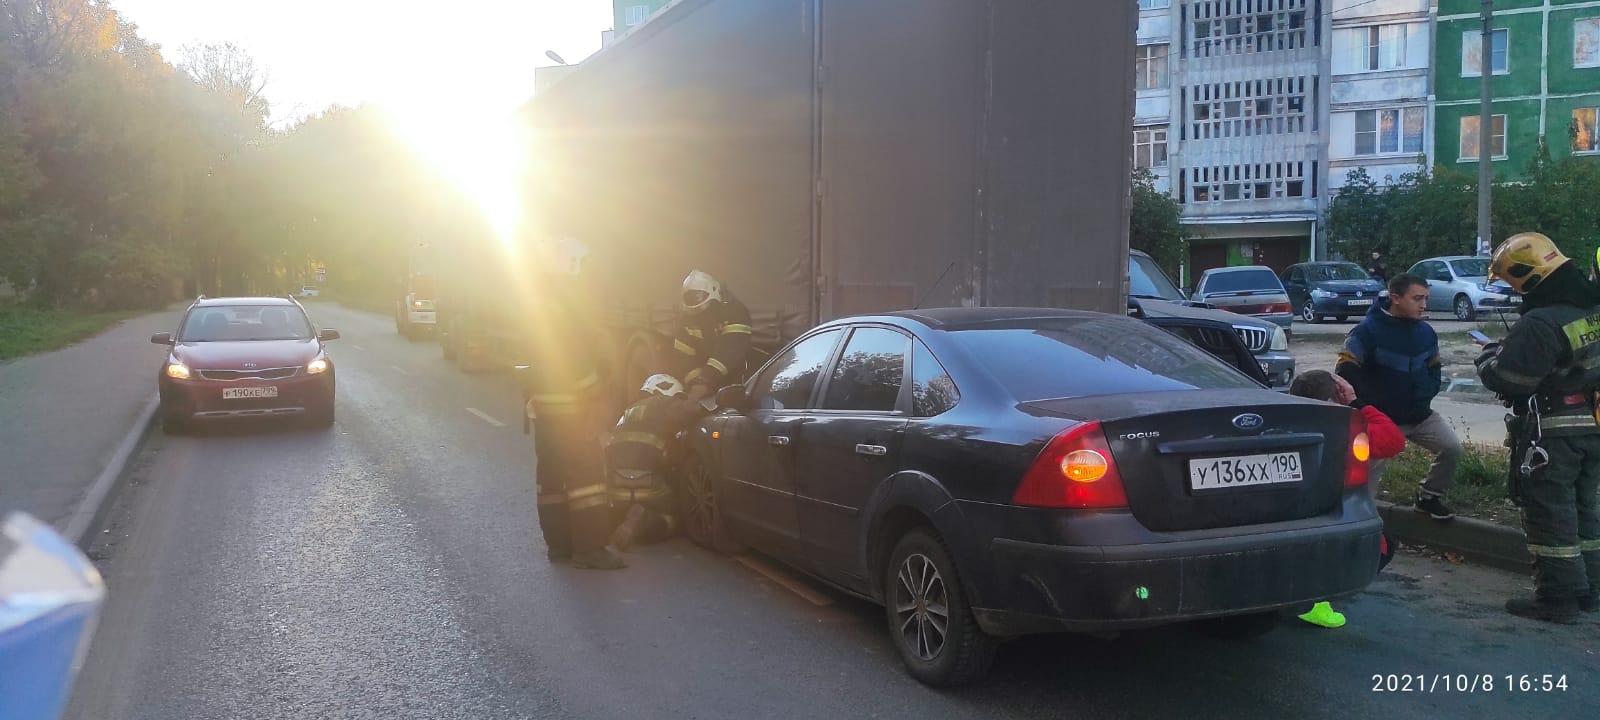 В Твери «Форд Фокус» врезался в стоящий автомобиль «Вольво»